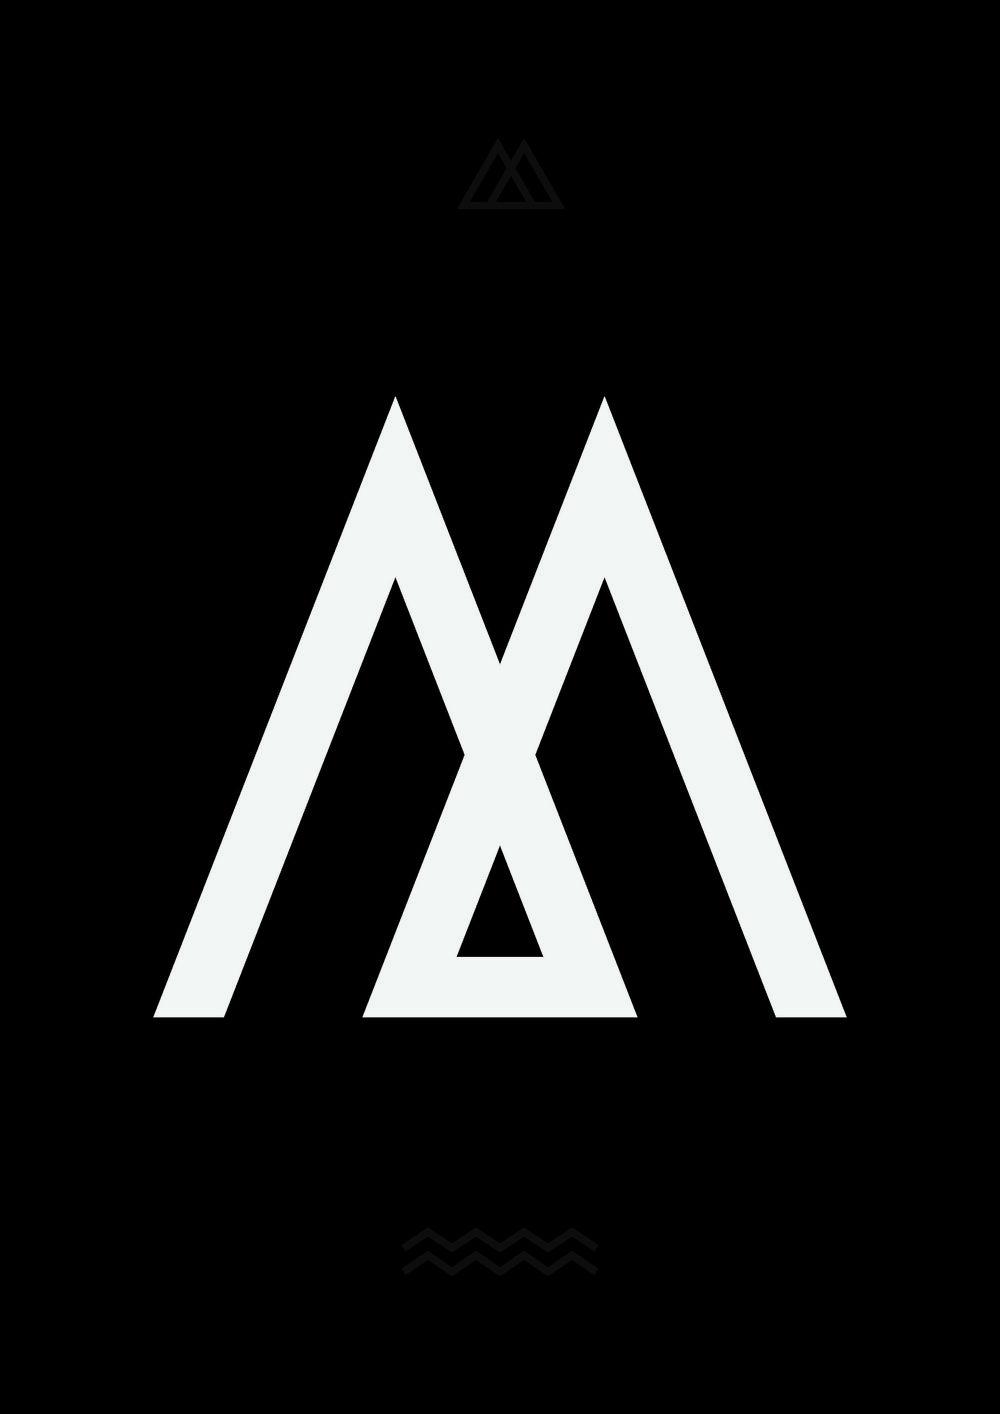 AGMQ_Page_3.jpg